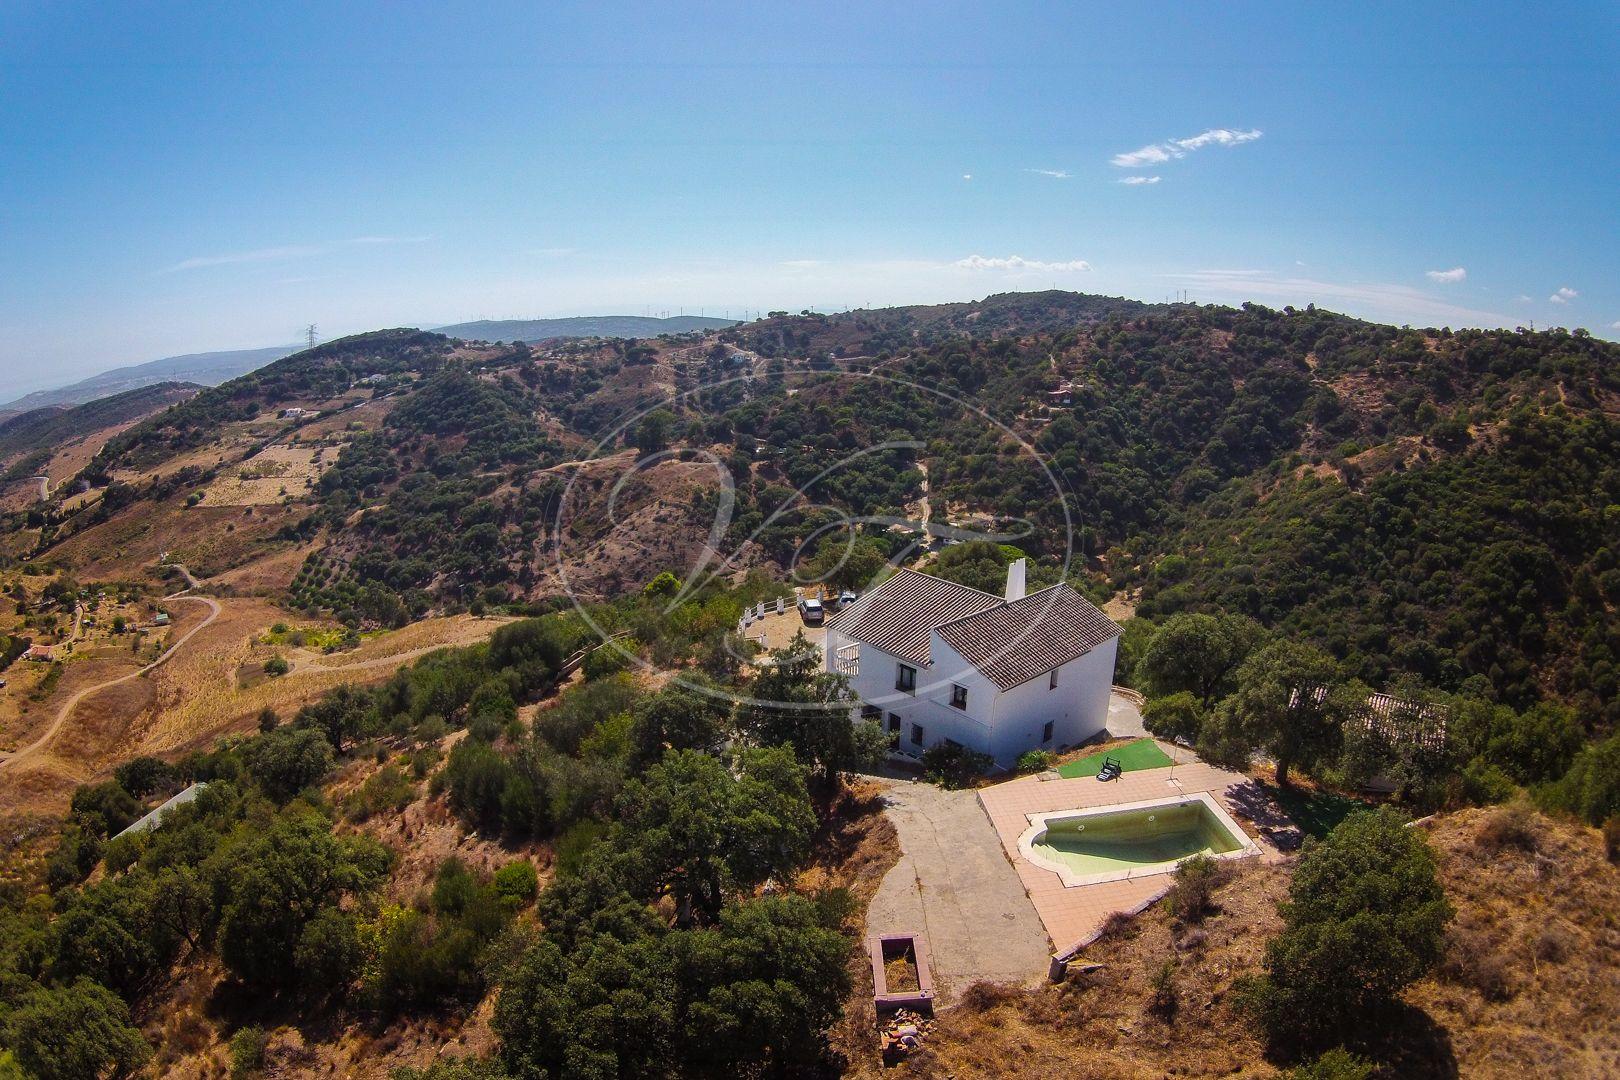 Country House for sale in Casares Montaña